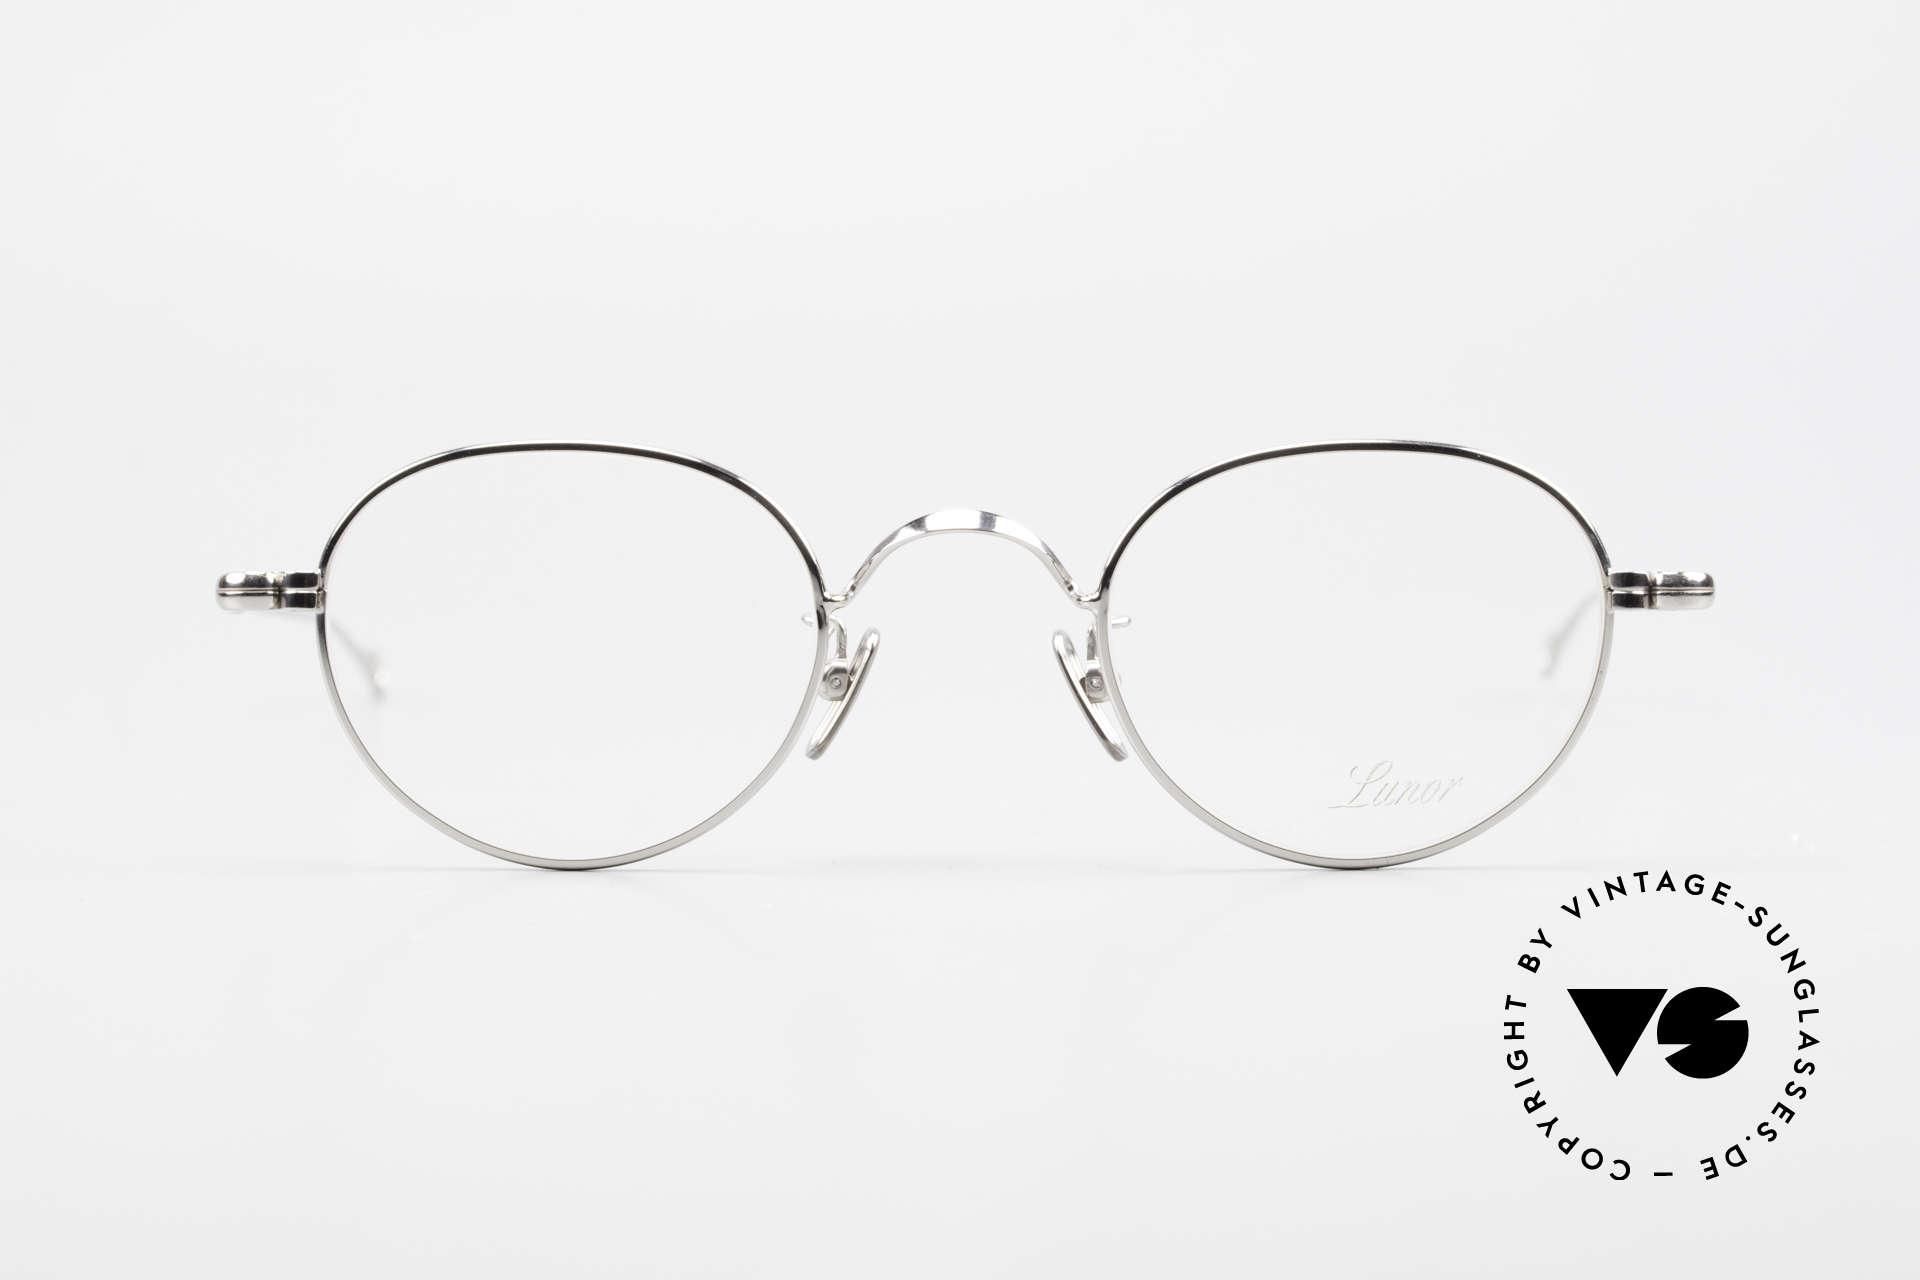 Lunor V 107 Pantobrille Herren Titanium, ohne große Logos; stattdessen mit zeitloser Eleganz, Passend für Herren